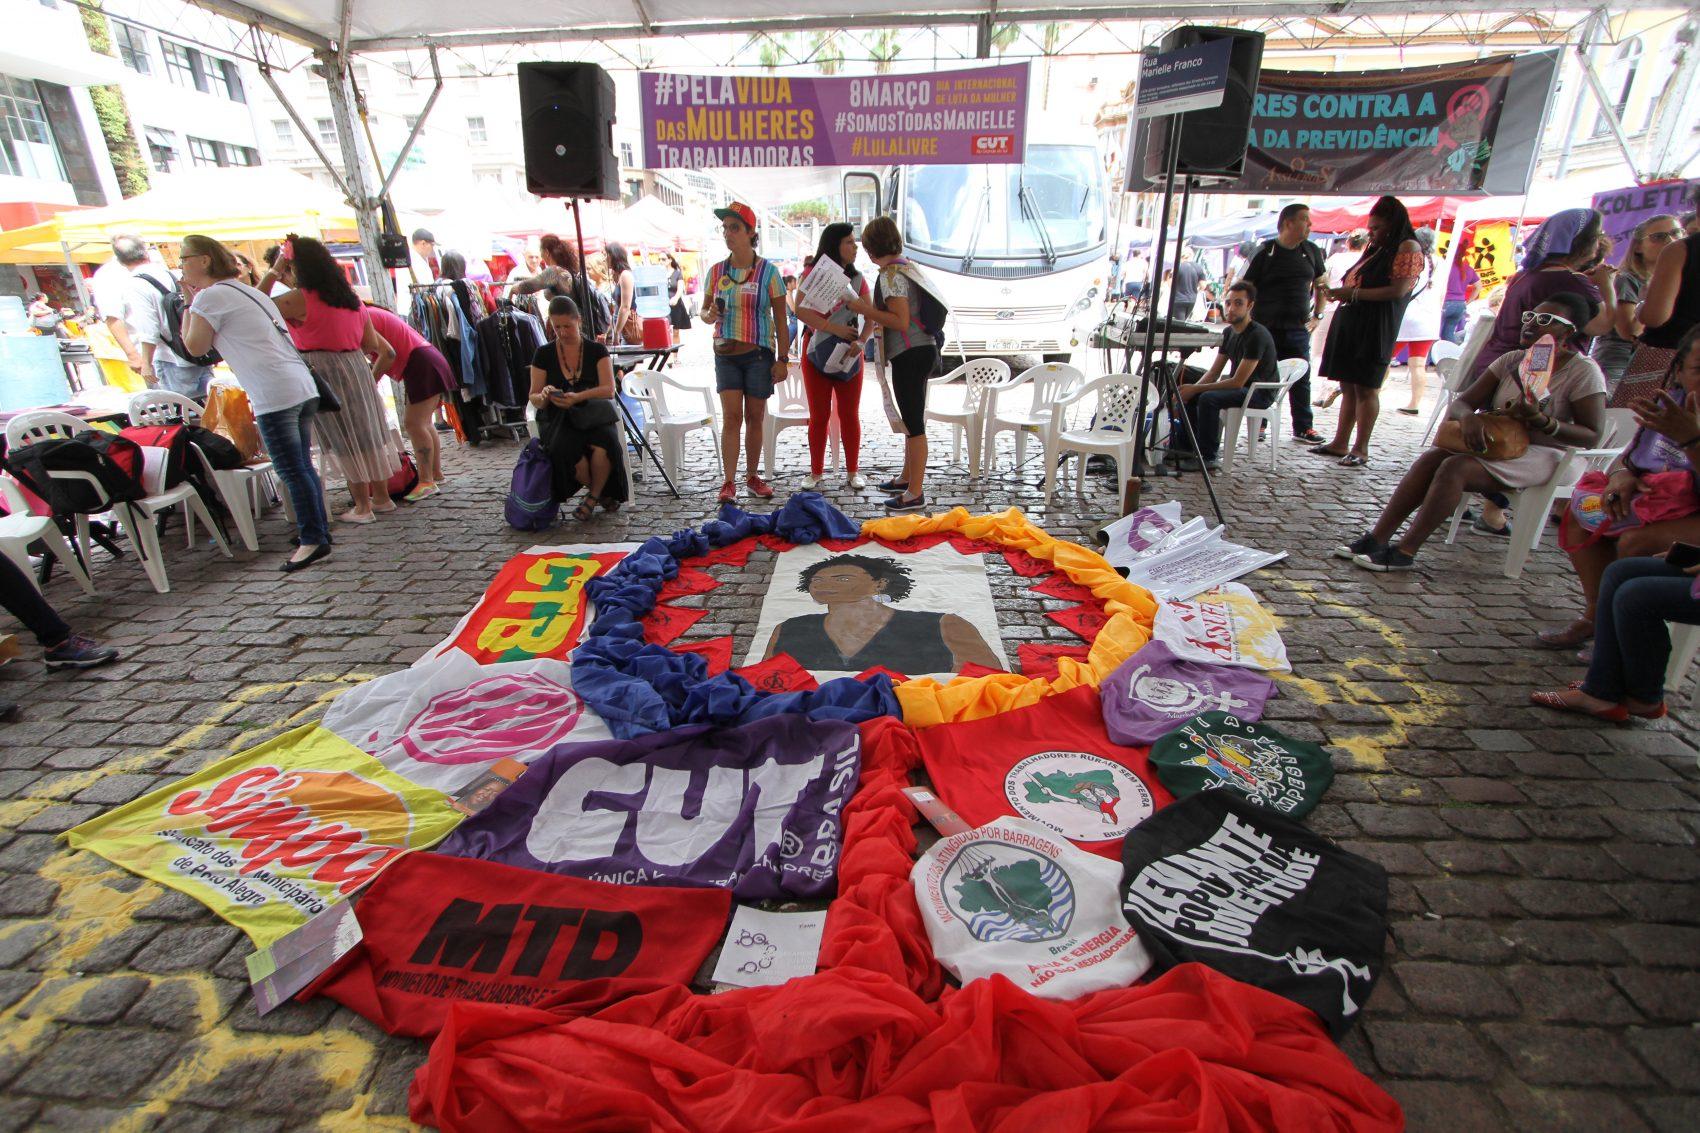 Concentração iniciou por volta das 7h30min no Largo Glênio Peres